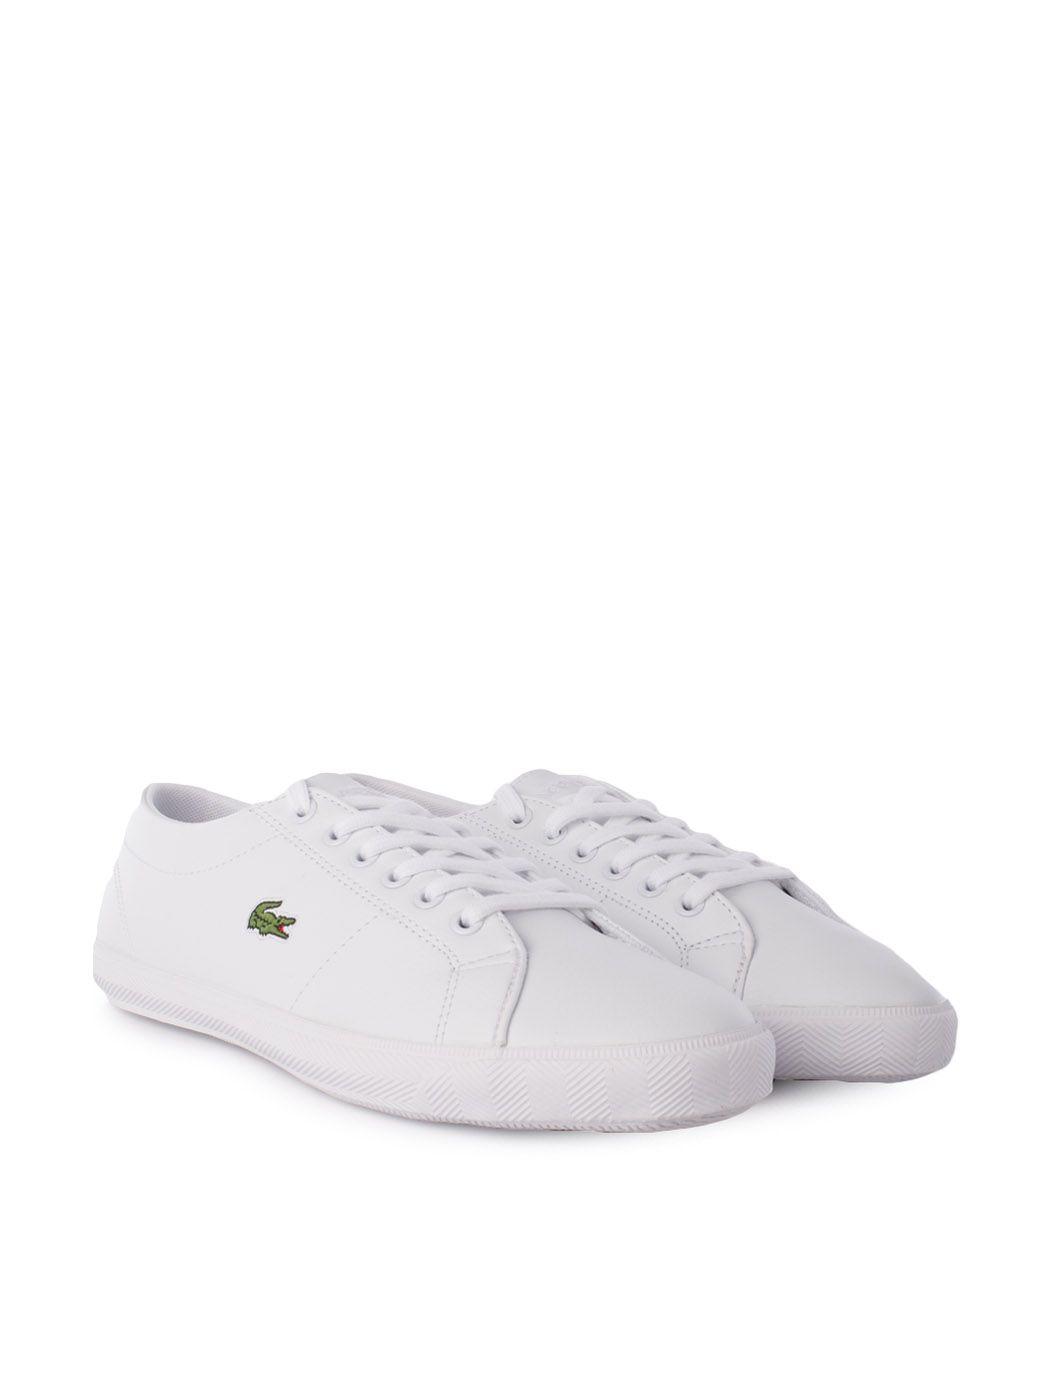 561ab584a2945 Adquiere LACOSTE aquí www.clickonero.com.mx  tenis  zapatos  calzado   fashion  moda  mujer  ellas  guapa  lacoste  casual